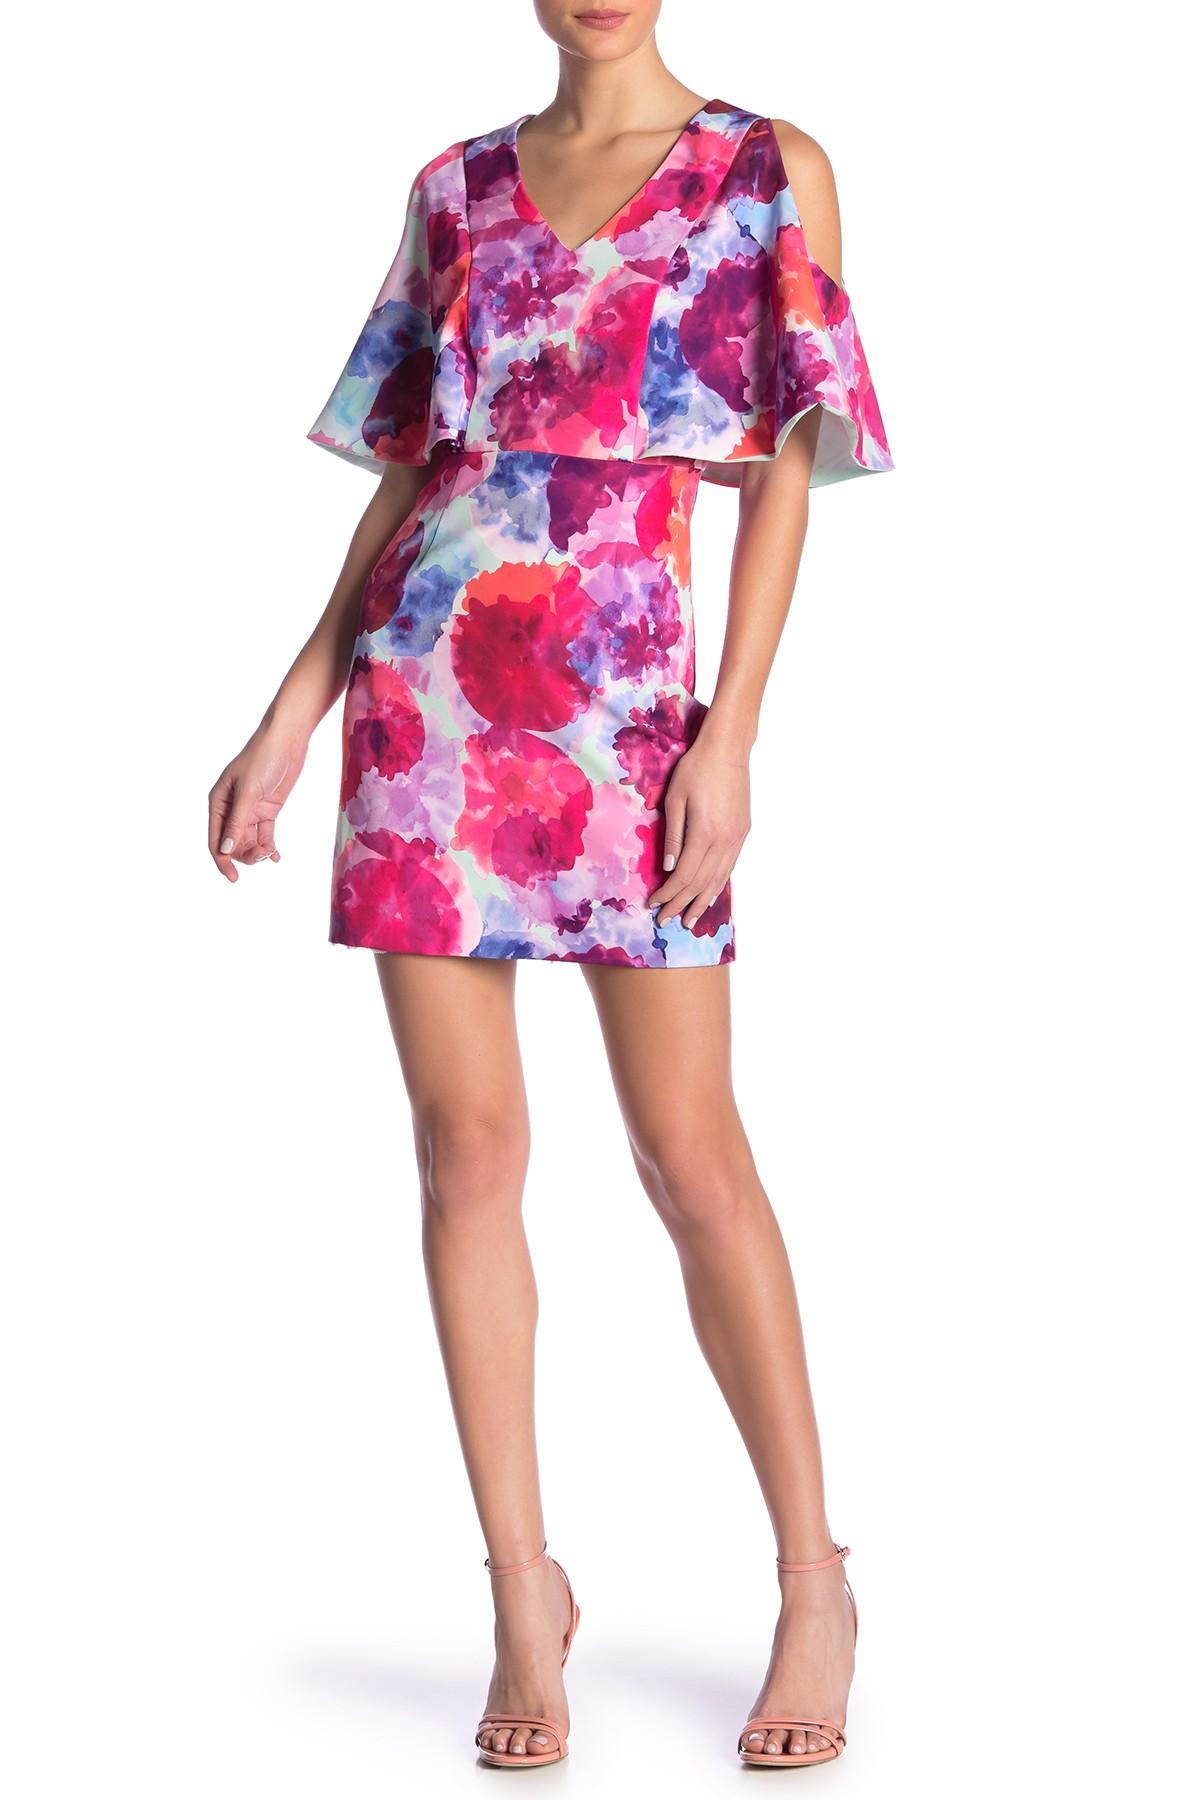 ce67f2718e5 Lyst - Trina Turk Oakhurst Cold Shoulder Floral Print Dress in Pink